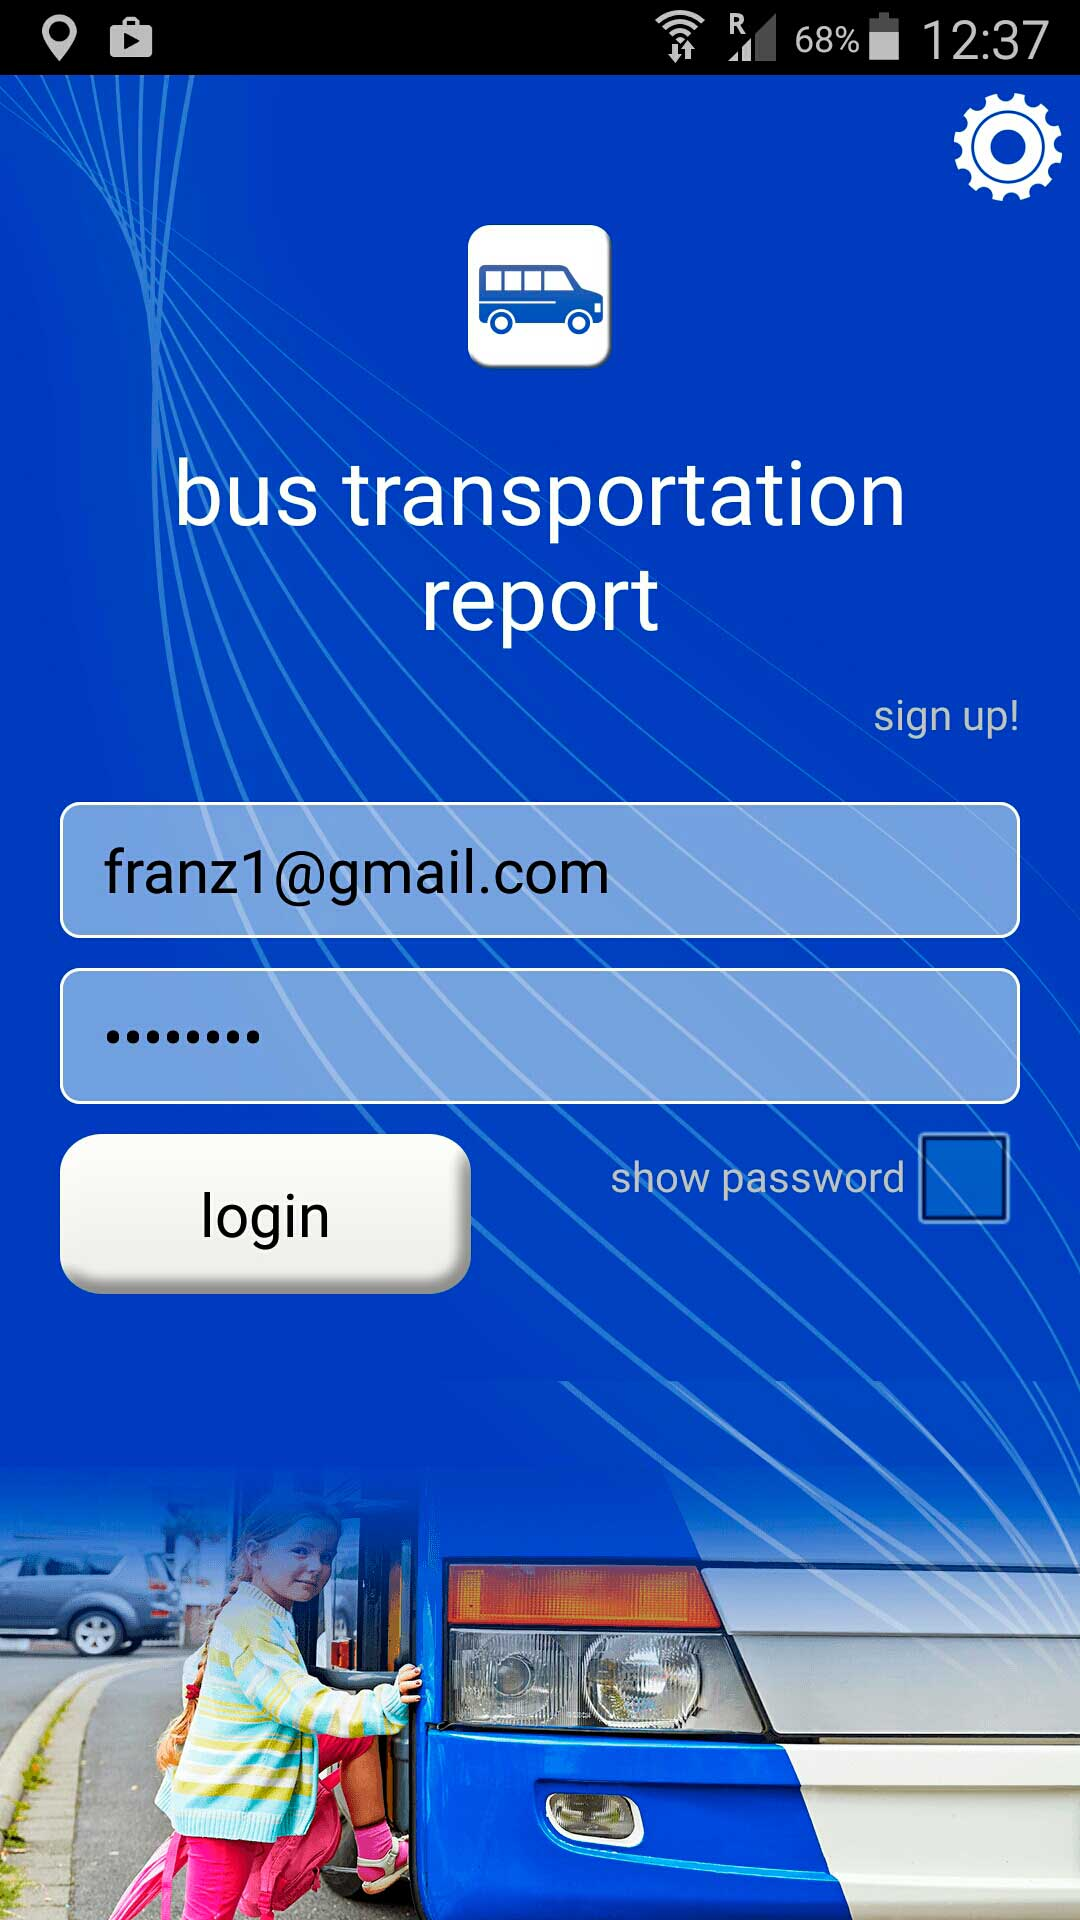 ginstr_app_busTransportationReport_EN_1